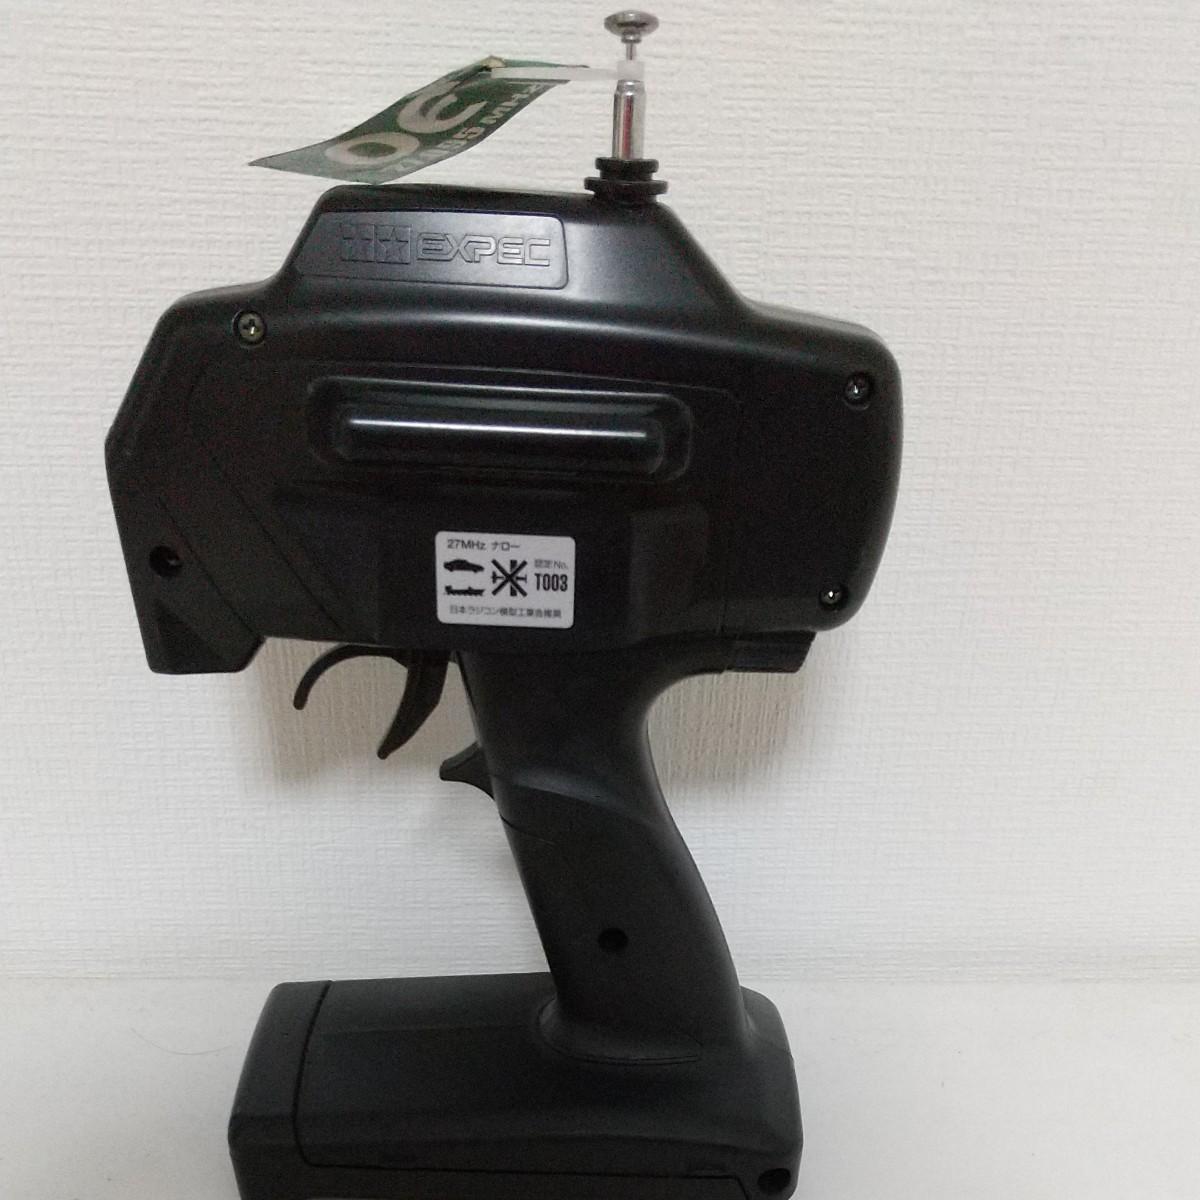 ☆最終☆タミヤ M03-L  ミニクーパーS EXPECプロポつき